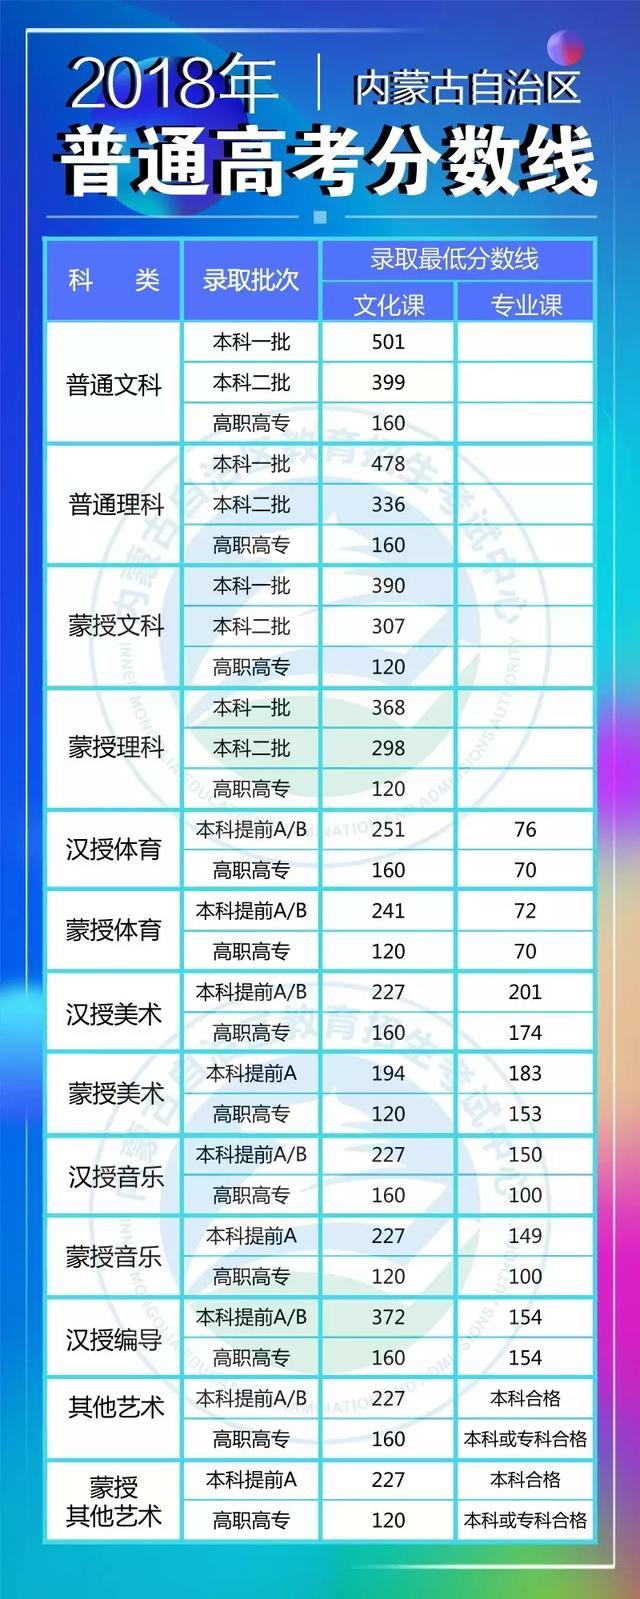 2018年内蒙古高考分数线